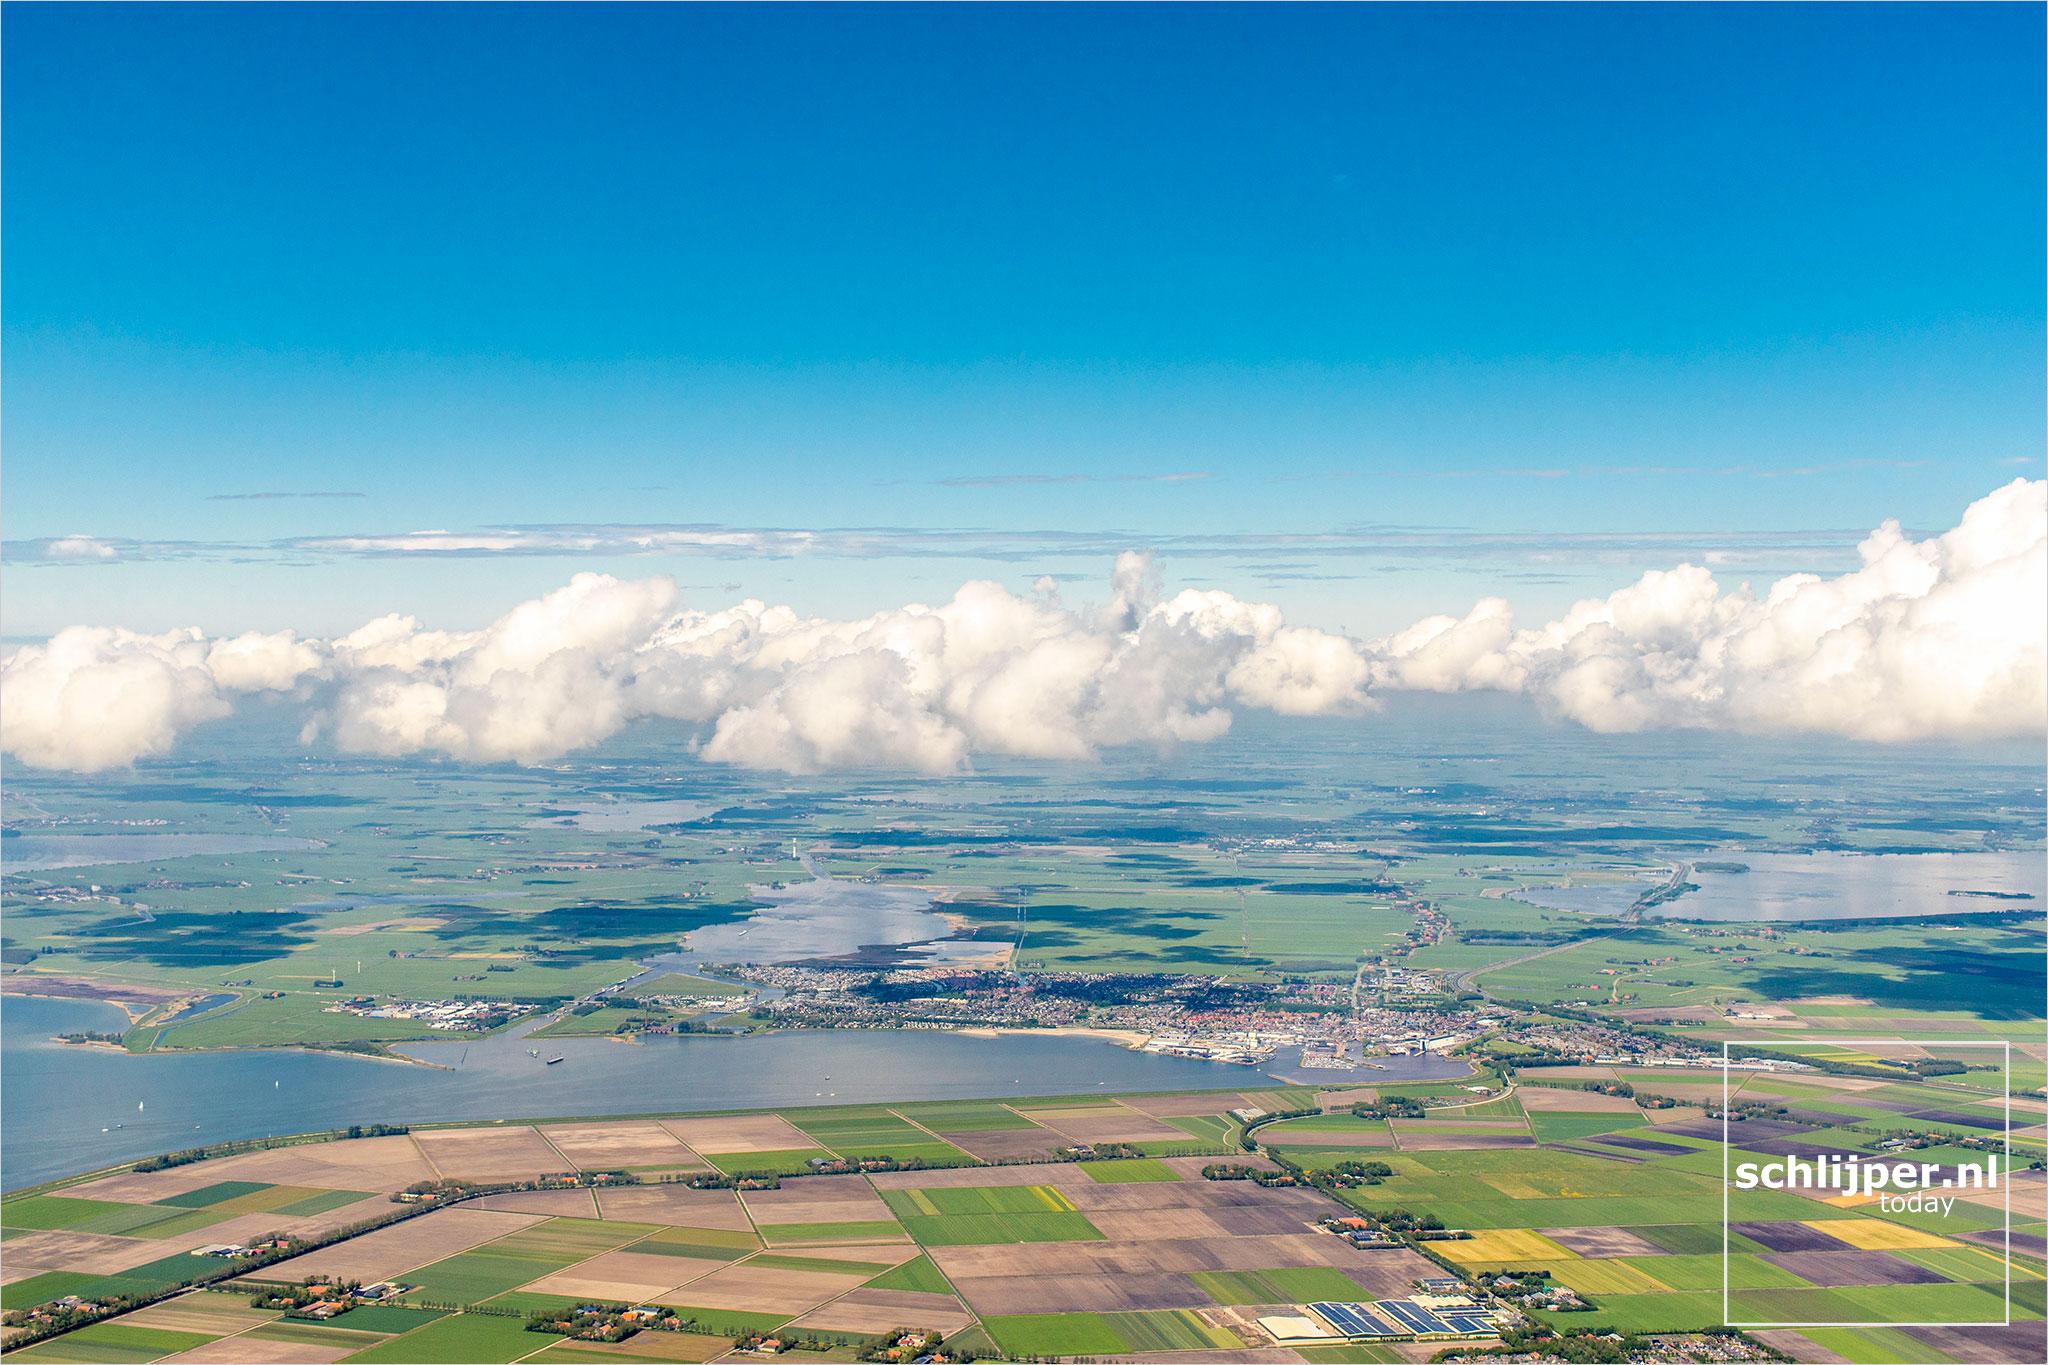 The Netherlands, Lemmer, 28 mei 2021